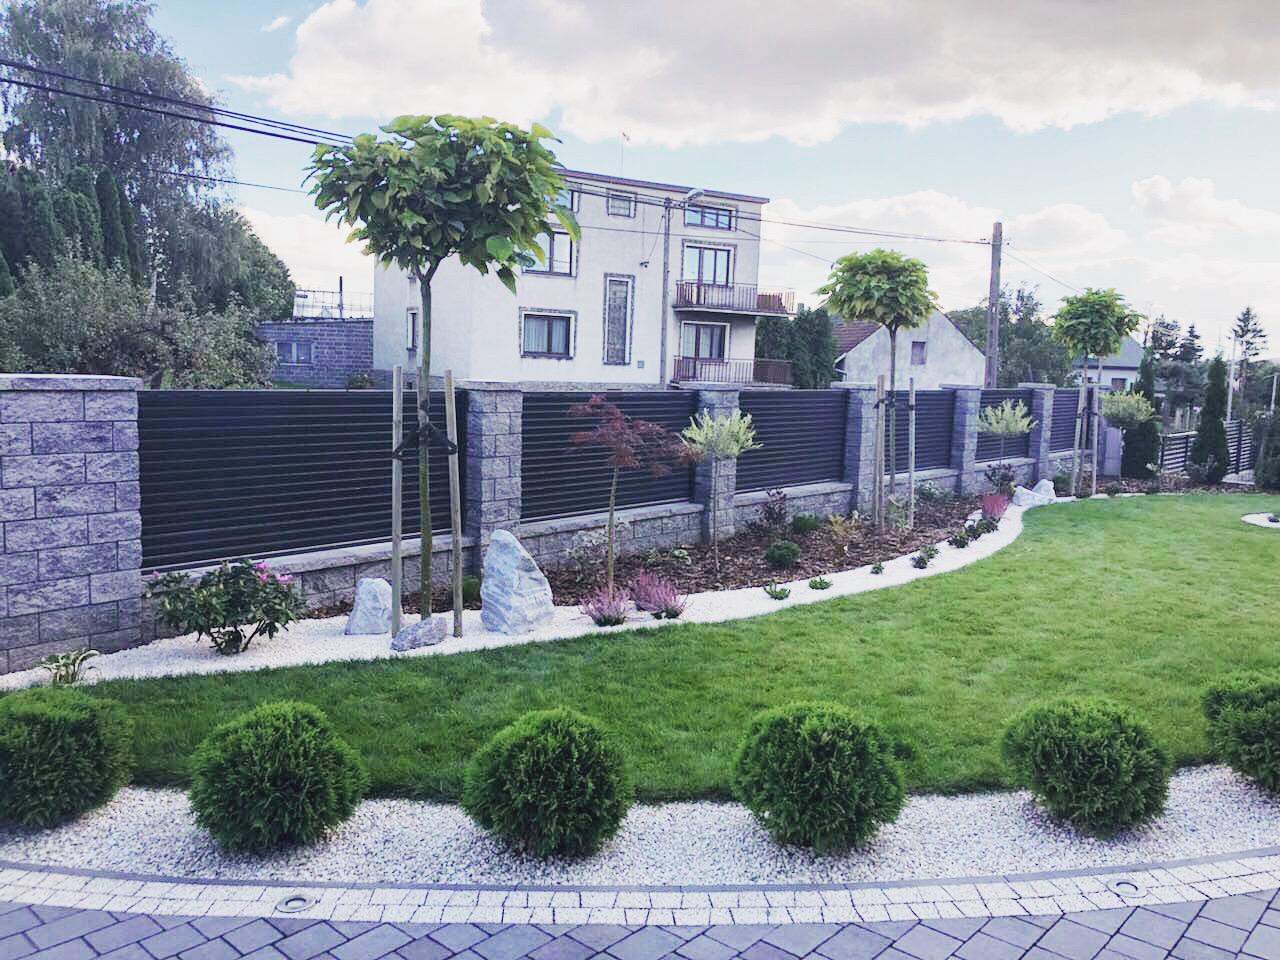 nowoczesny ogród w stylu japońskim efekt końcowy